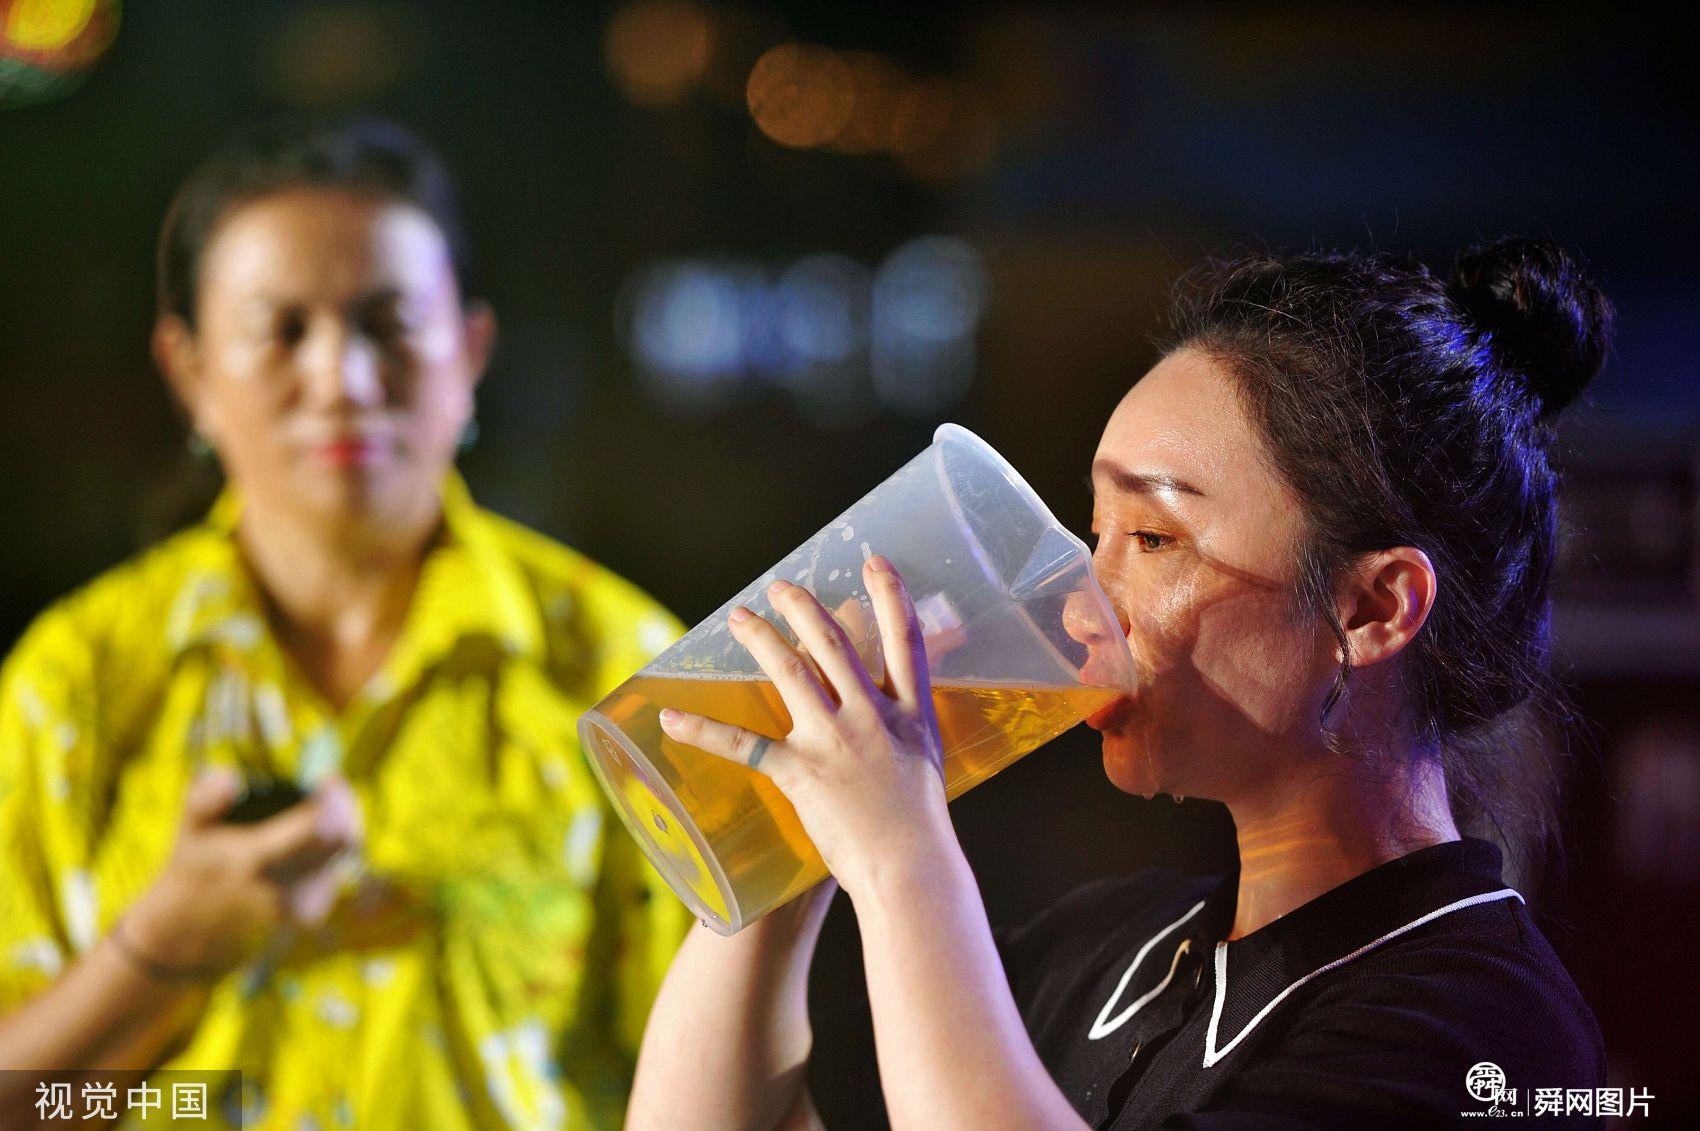 青岛国际啤酒节举办饮酒大赛 参赛选手吹瓶最快不到4秒